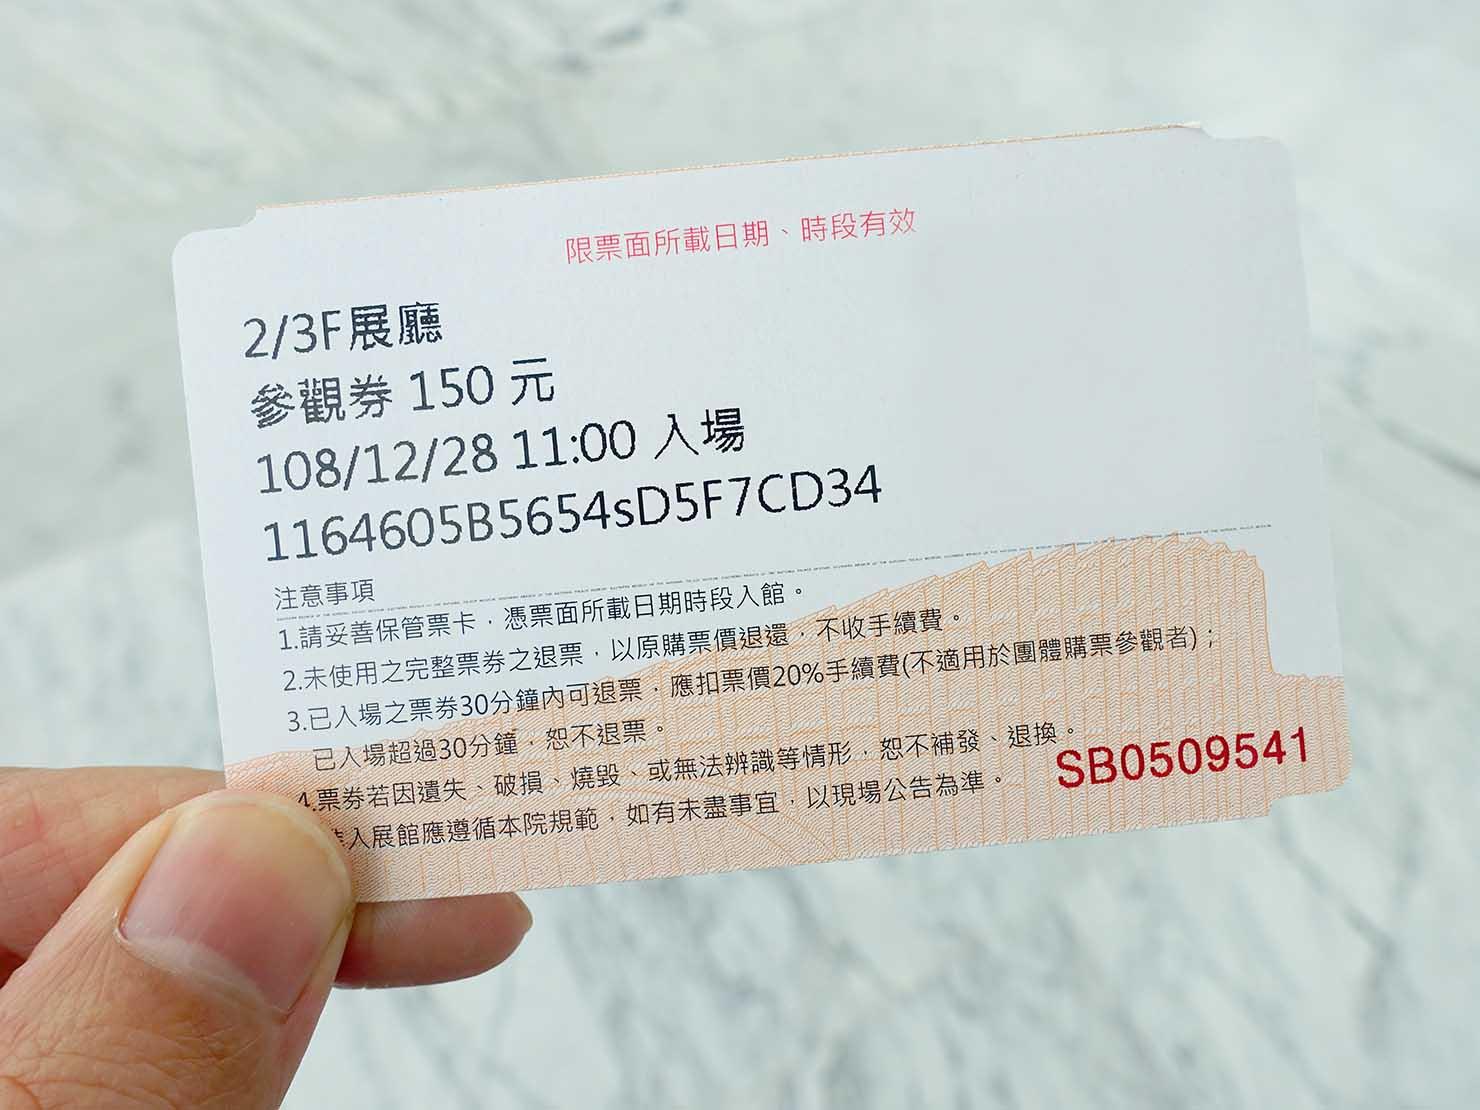 嘉義のおすすめ観光スポット「故宮南院」のチケット